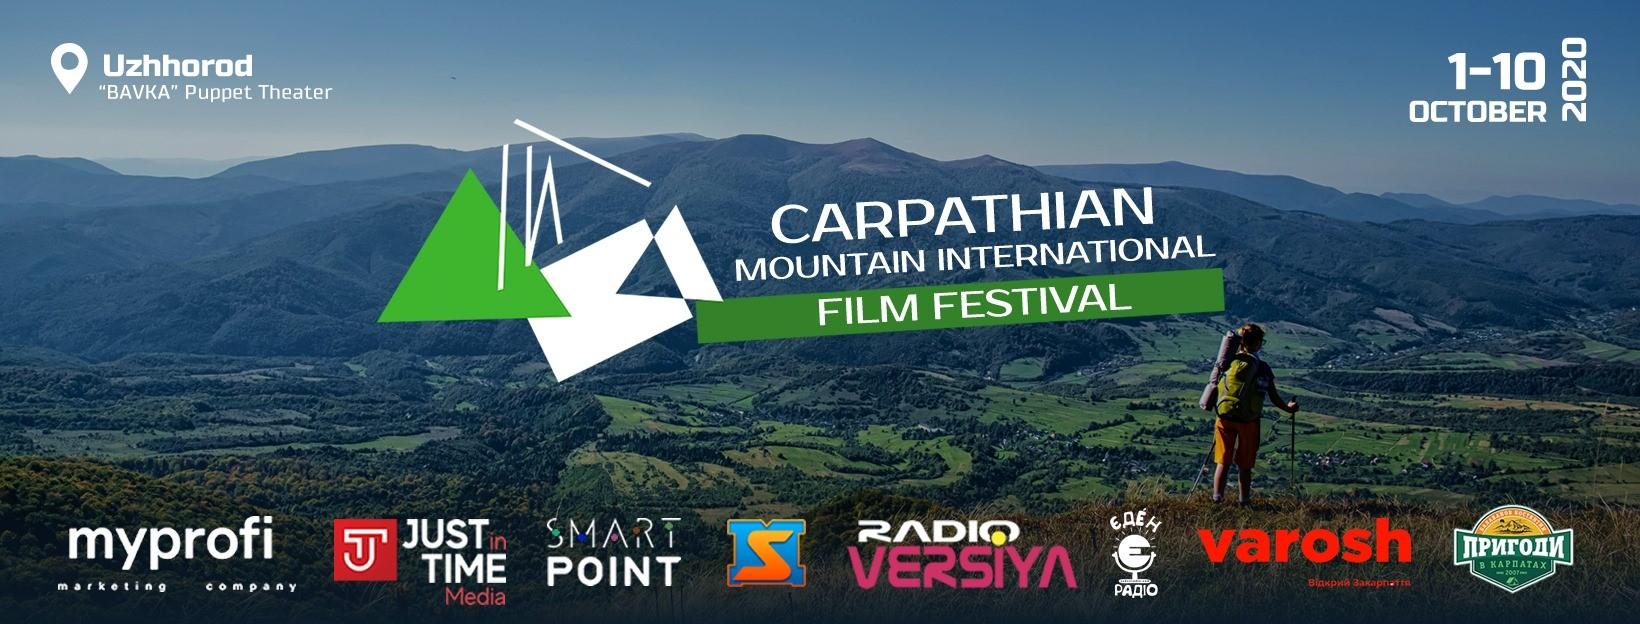 На початку жовтня в Ужгороді відбудеться фестиваль гірського кіно